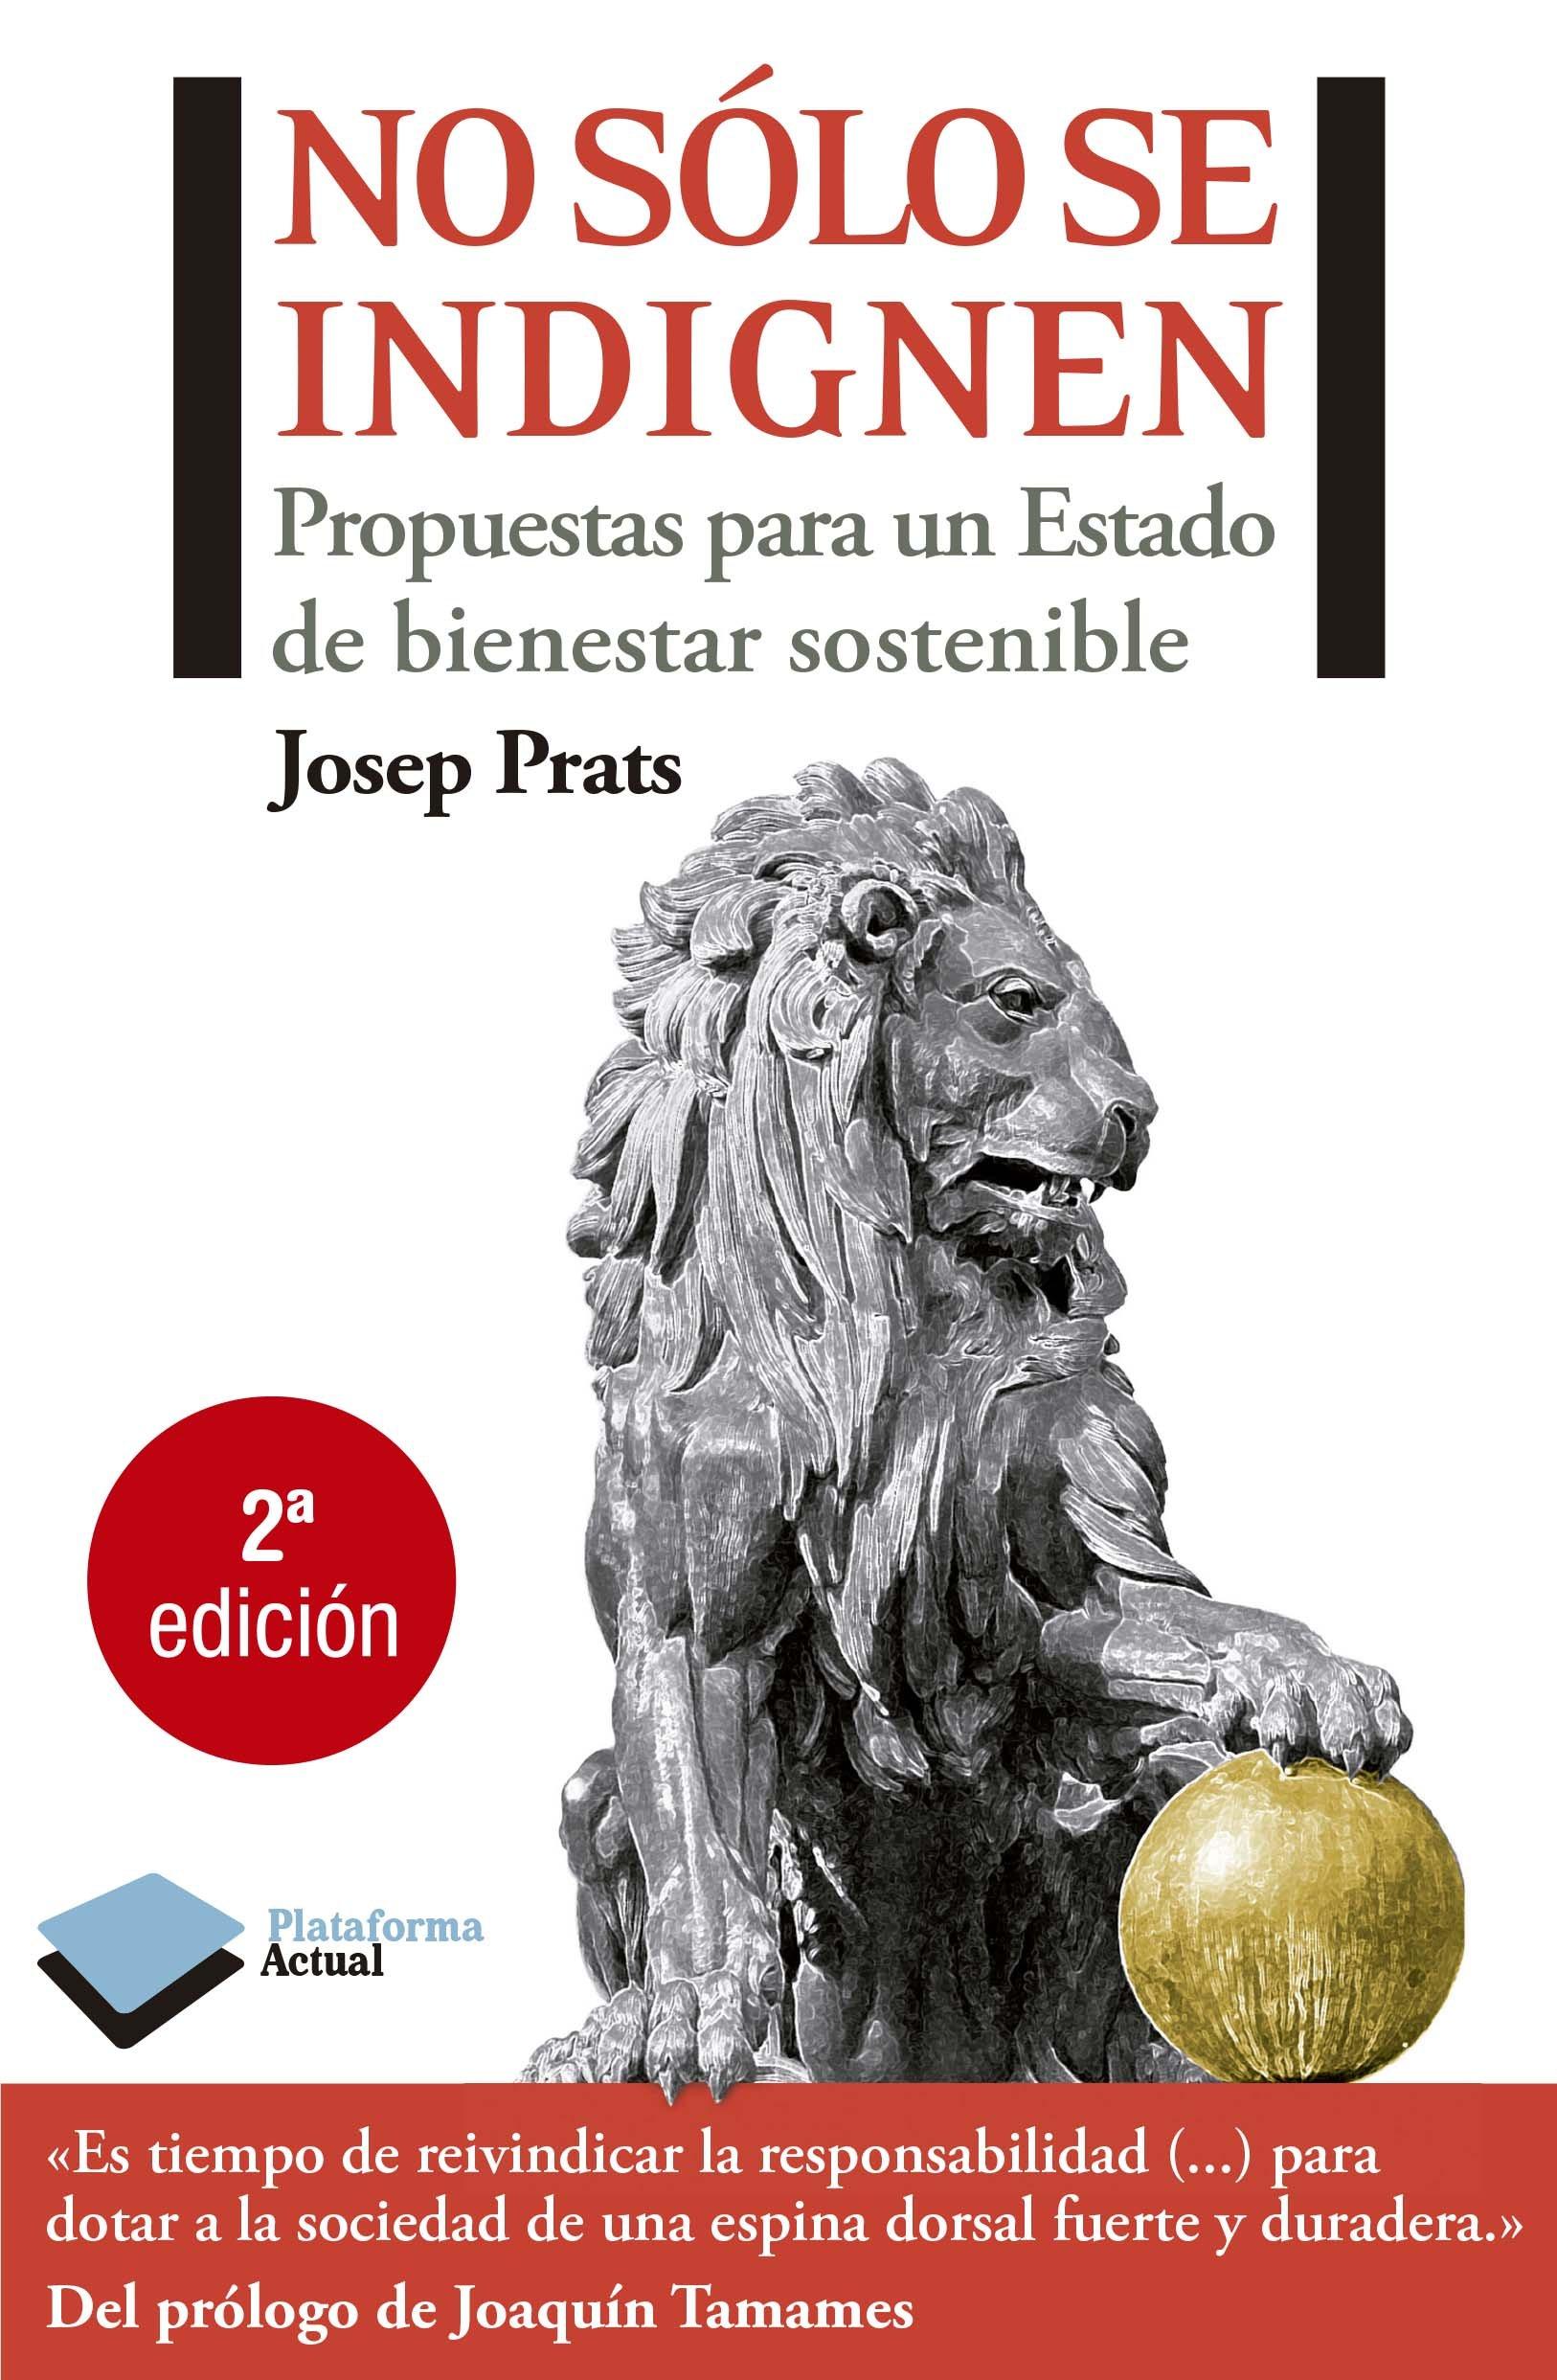 No solo se indignen: Propuestas para un Estado de bienestar sostenible (Actual) Tapa blanda – 15 sep 2011 Josep Prats Orriols Plataforma Editorial 8415115741 Public welfare - Spain